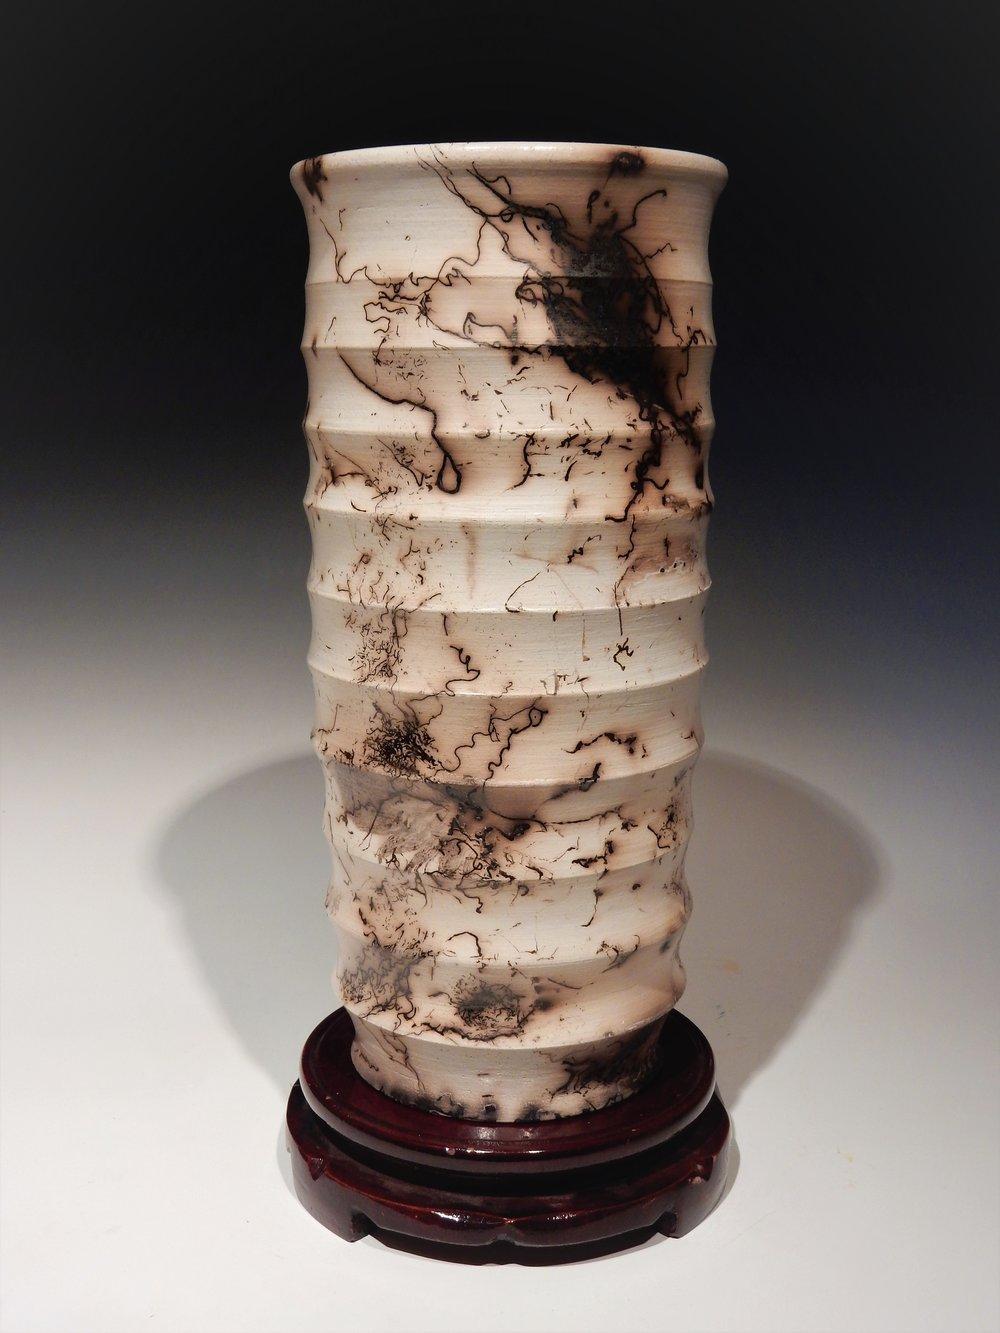 vase 6 website.jpg